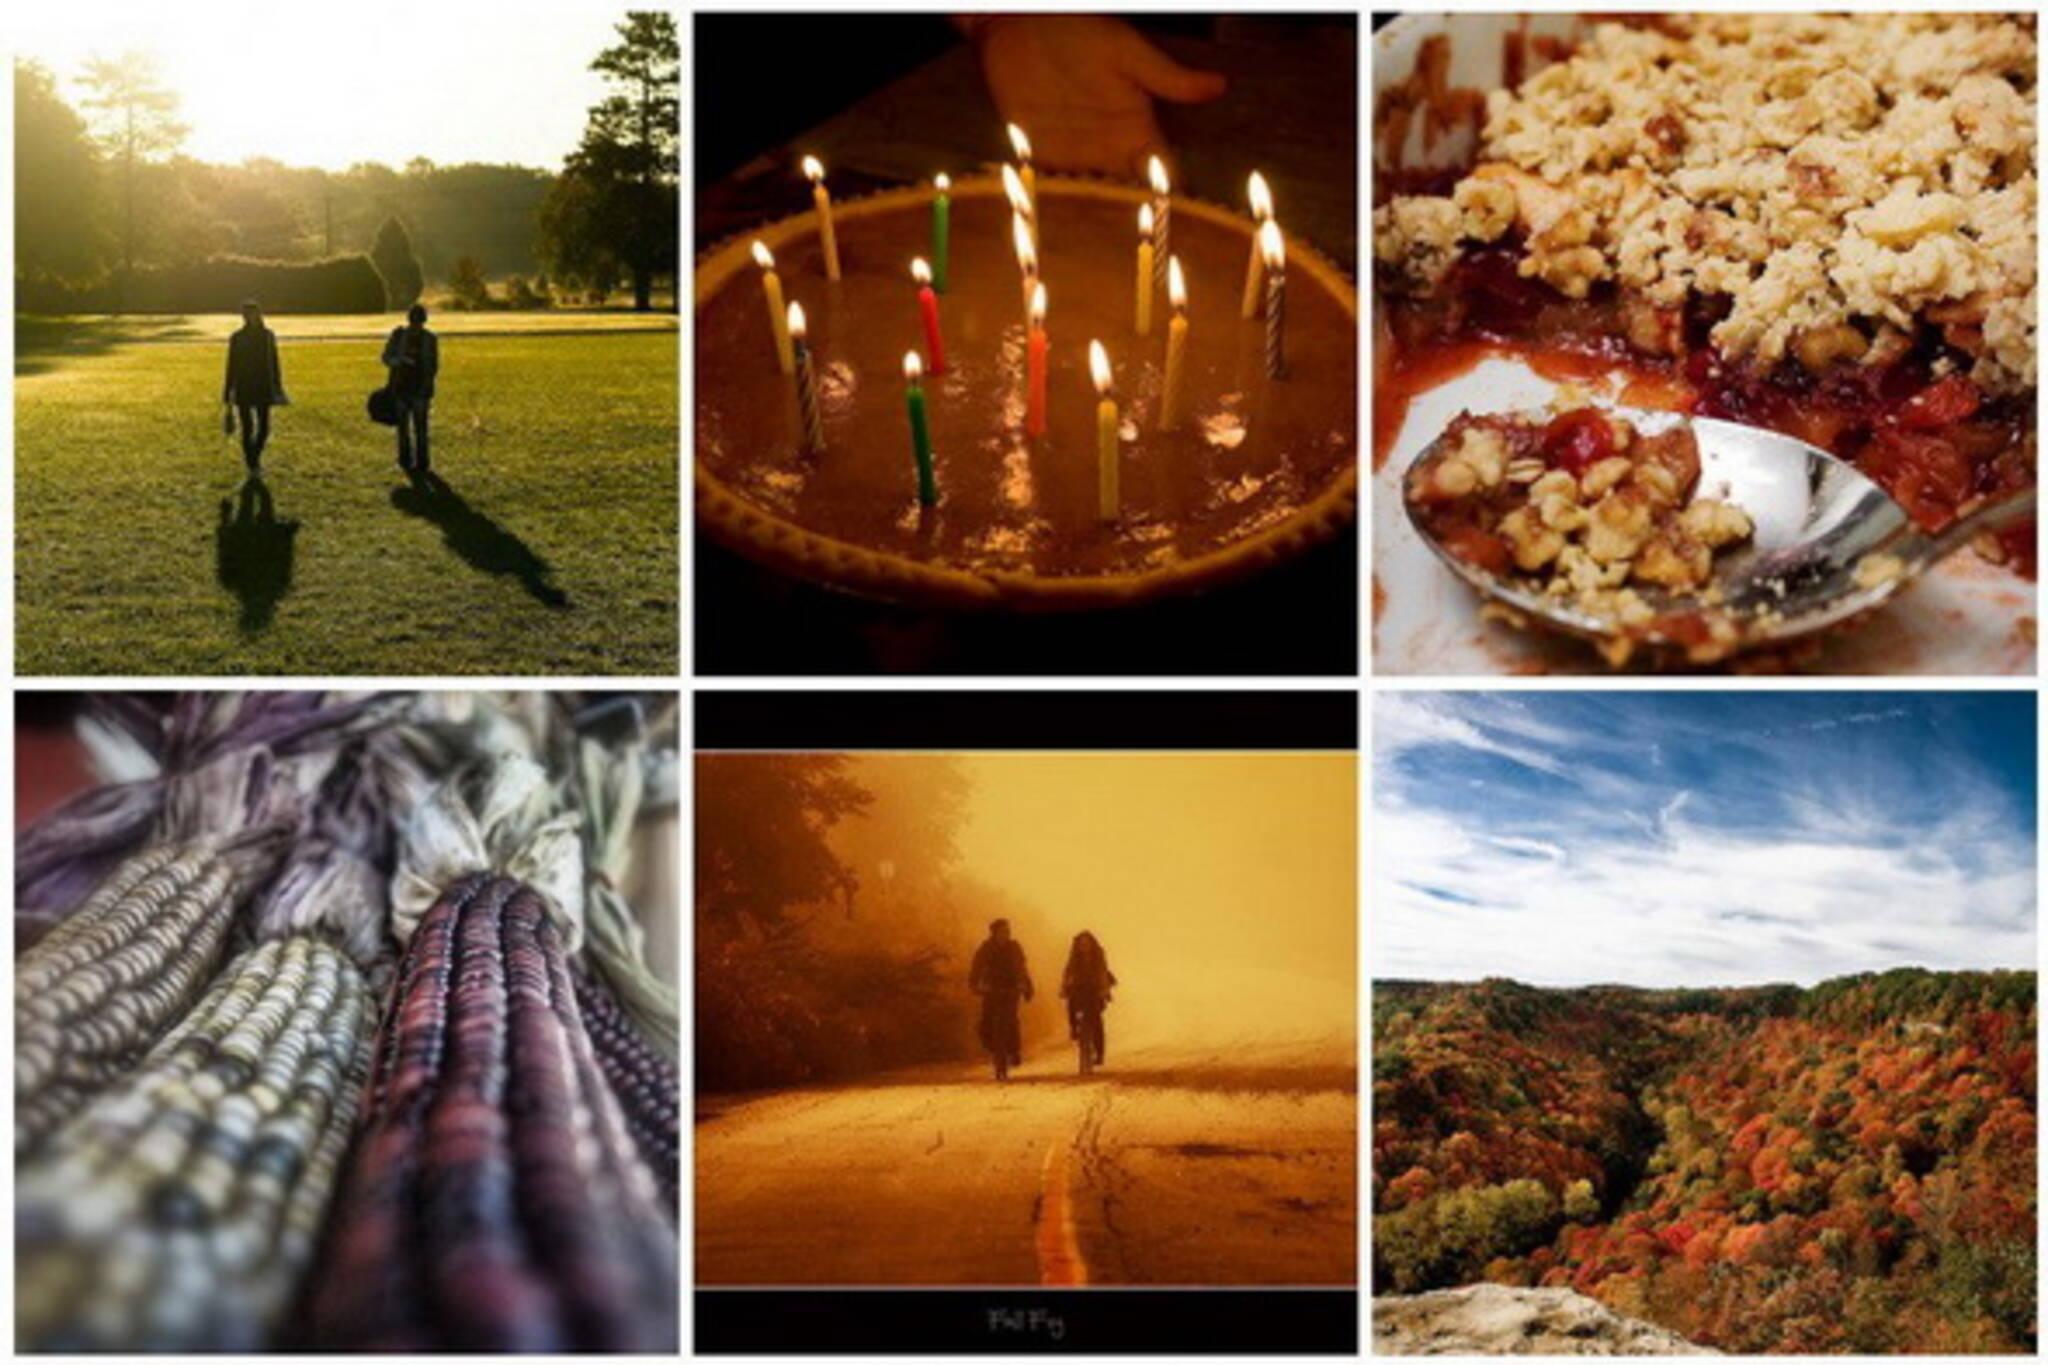 Flickr Forum '08: Thanksgiving